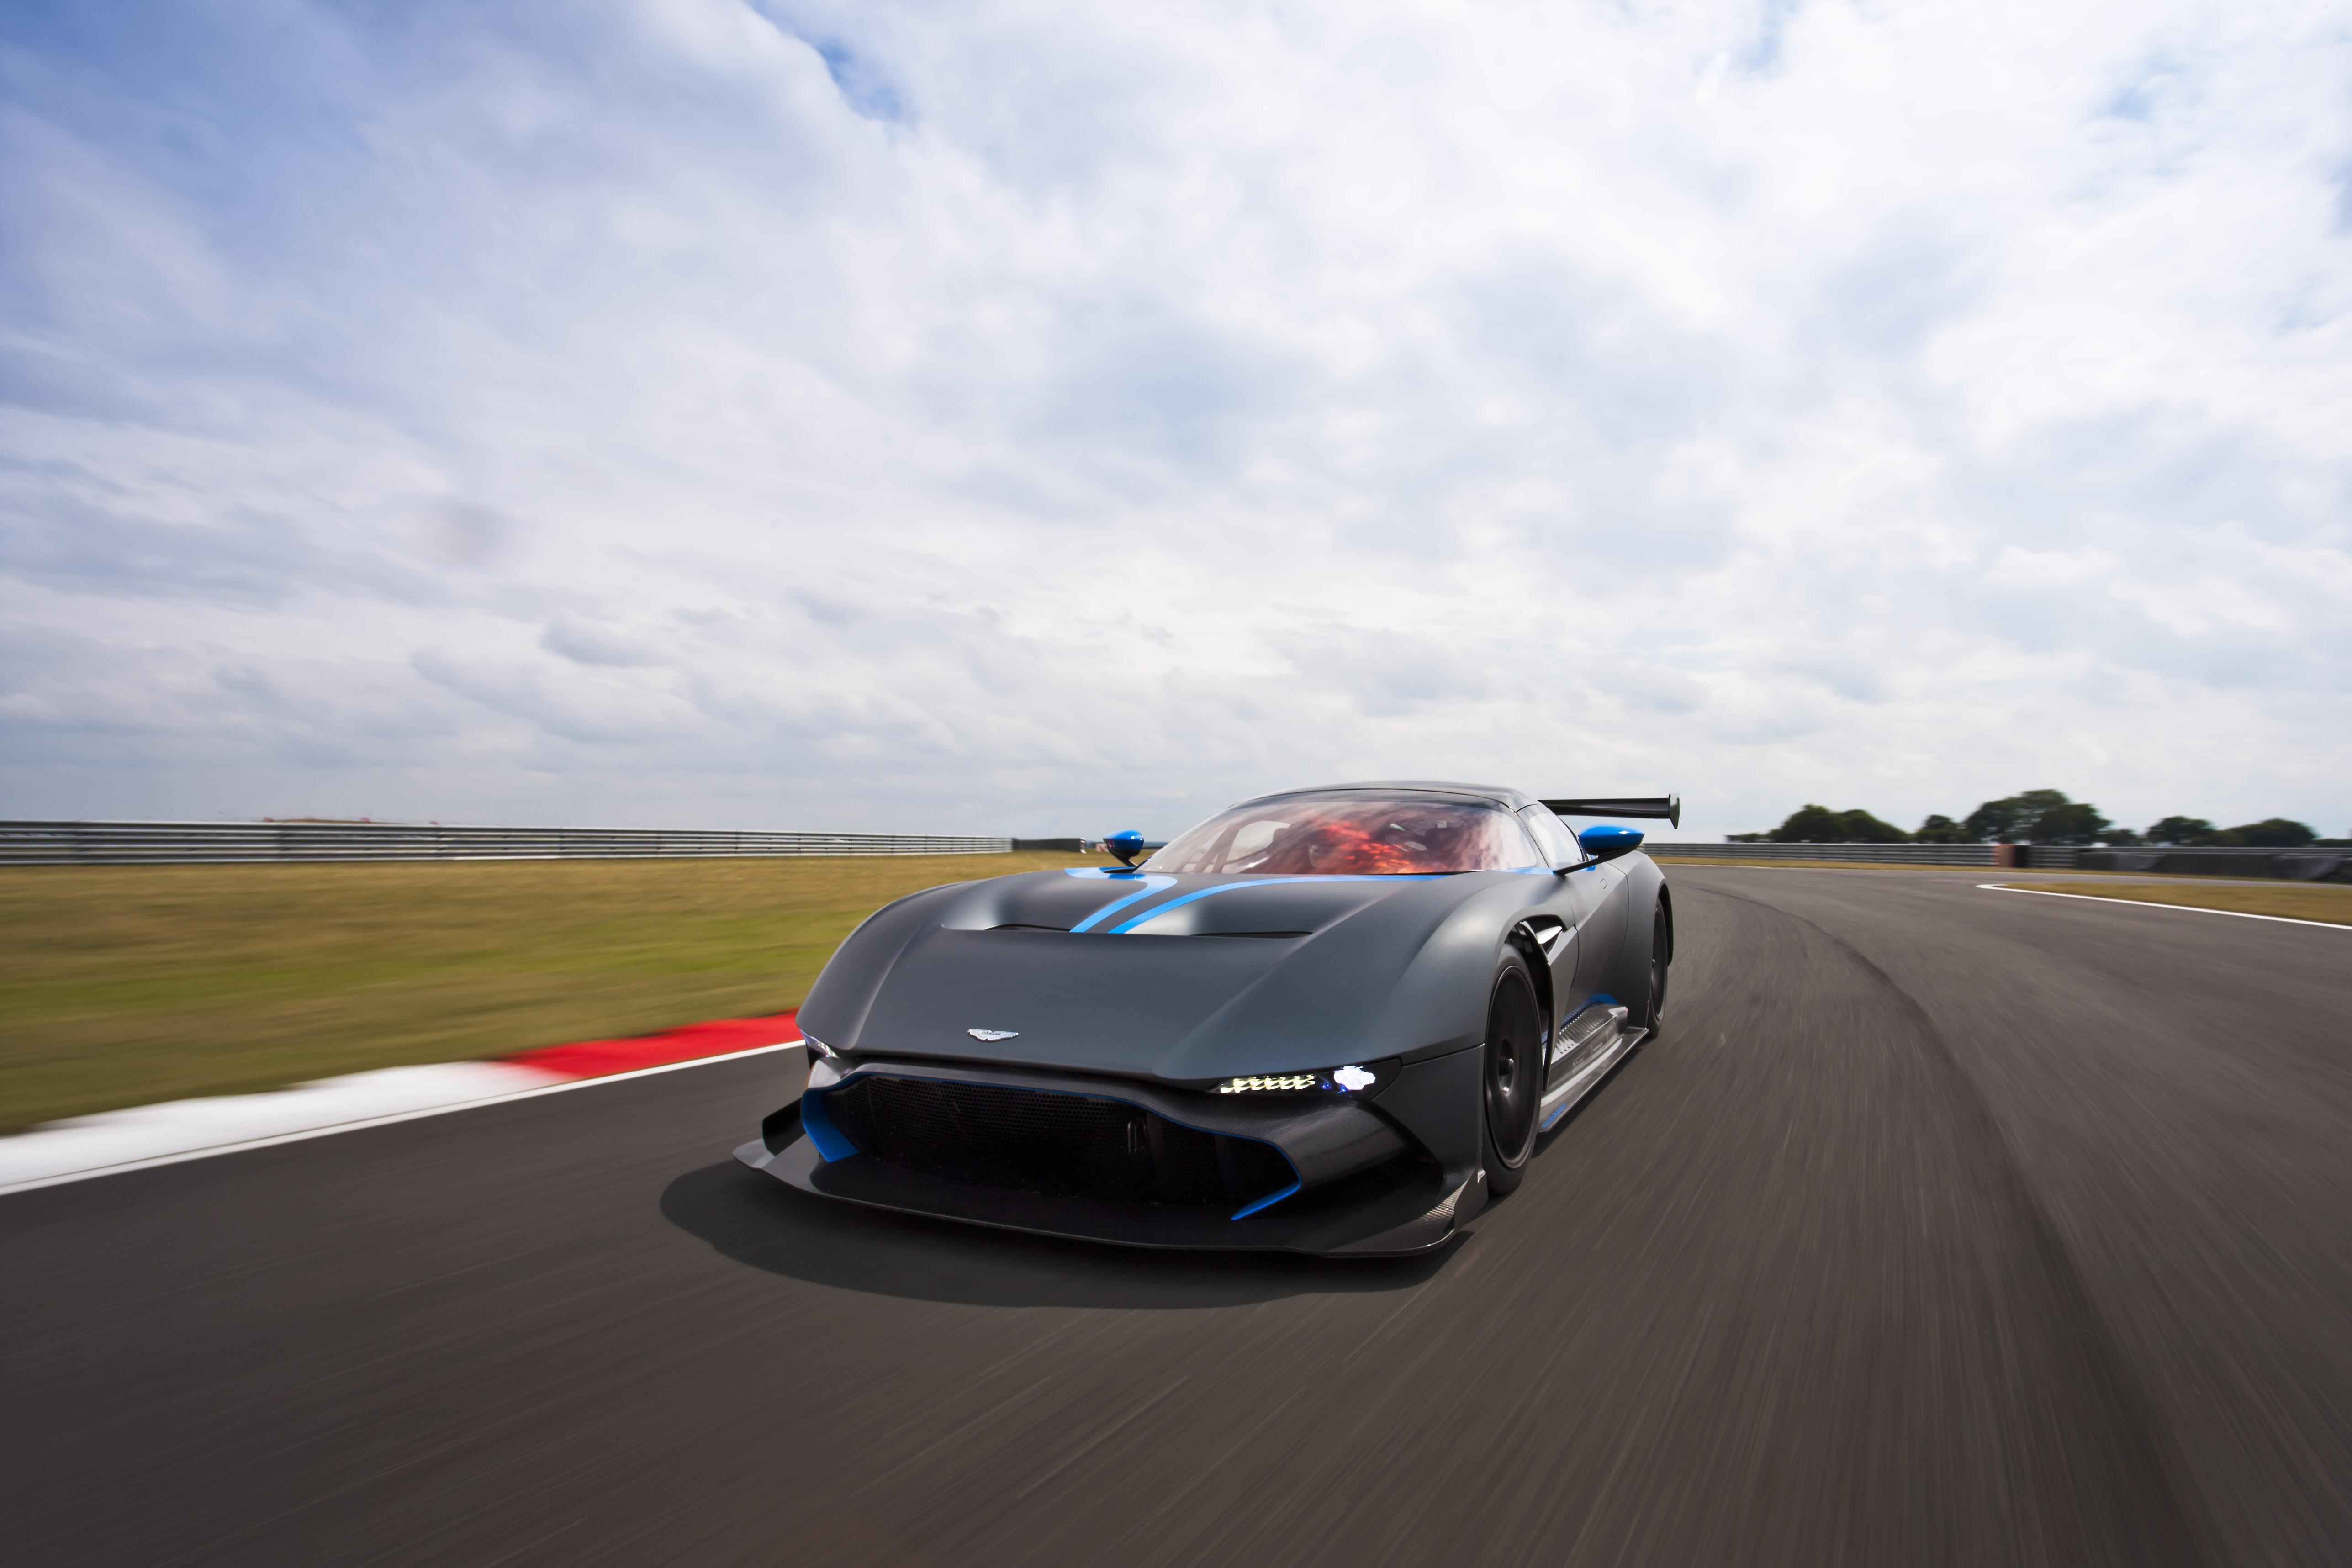 Aston Martin Vulcan Hd Wallpaper